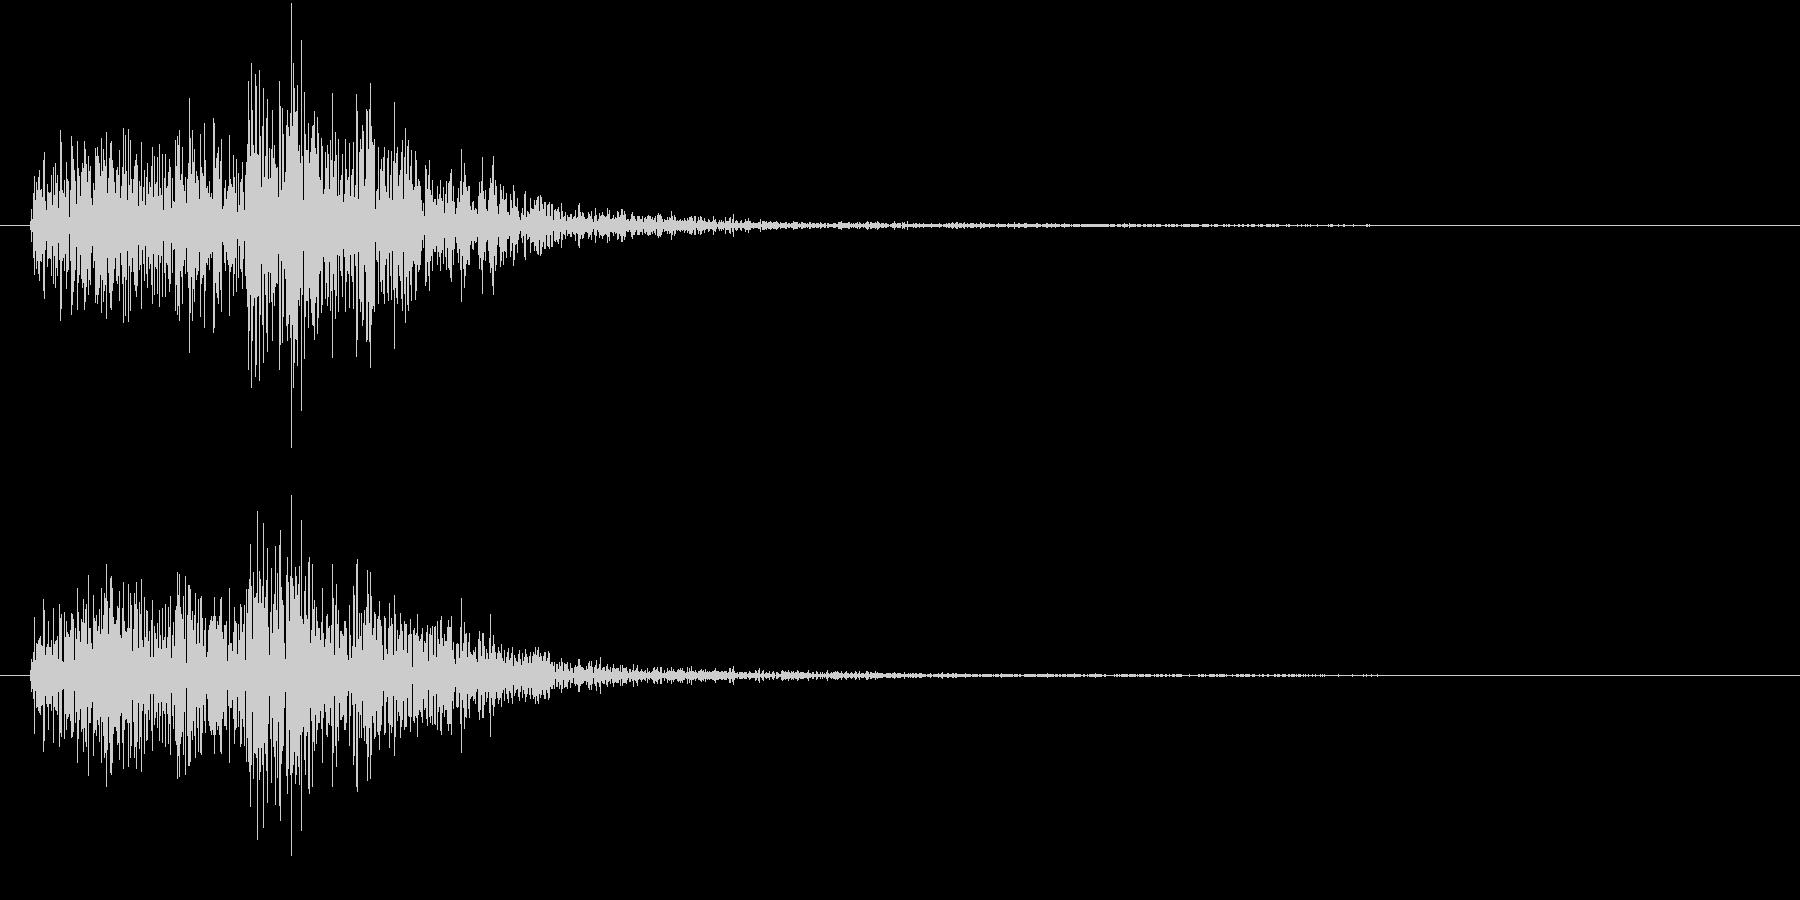 【生録音】陶器の食器と食器がぶつかる音の未再生の波形